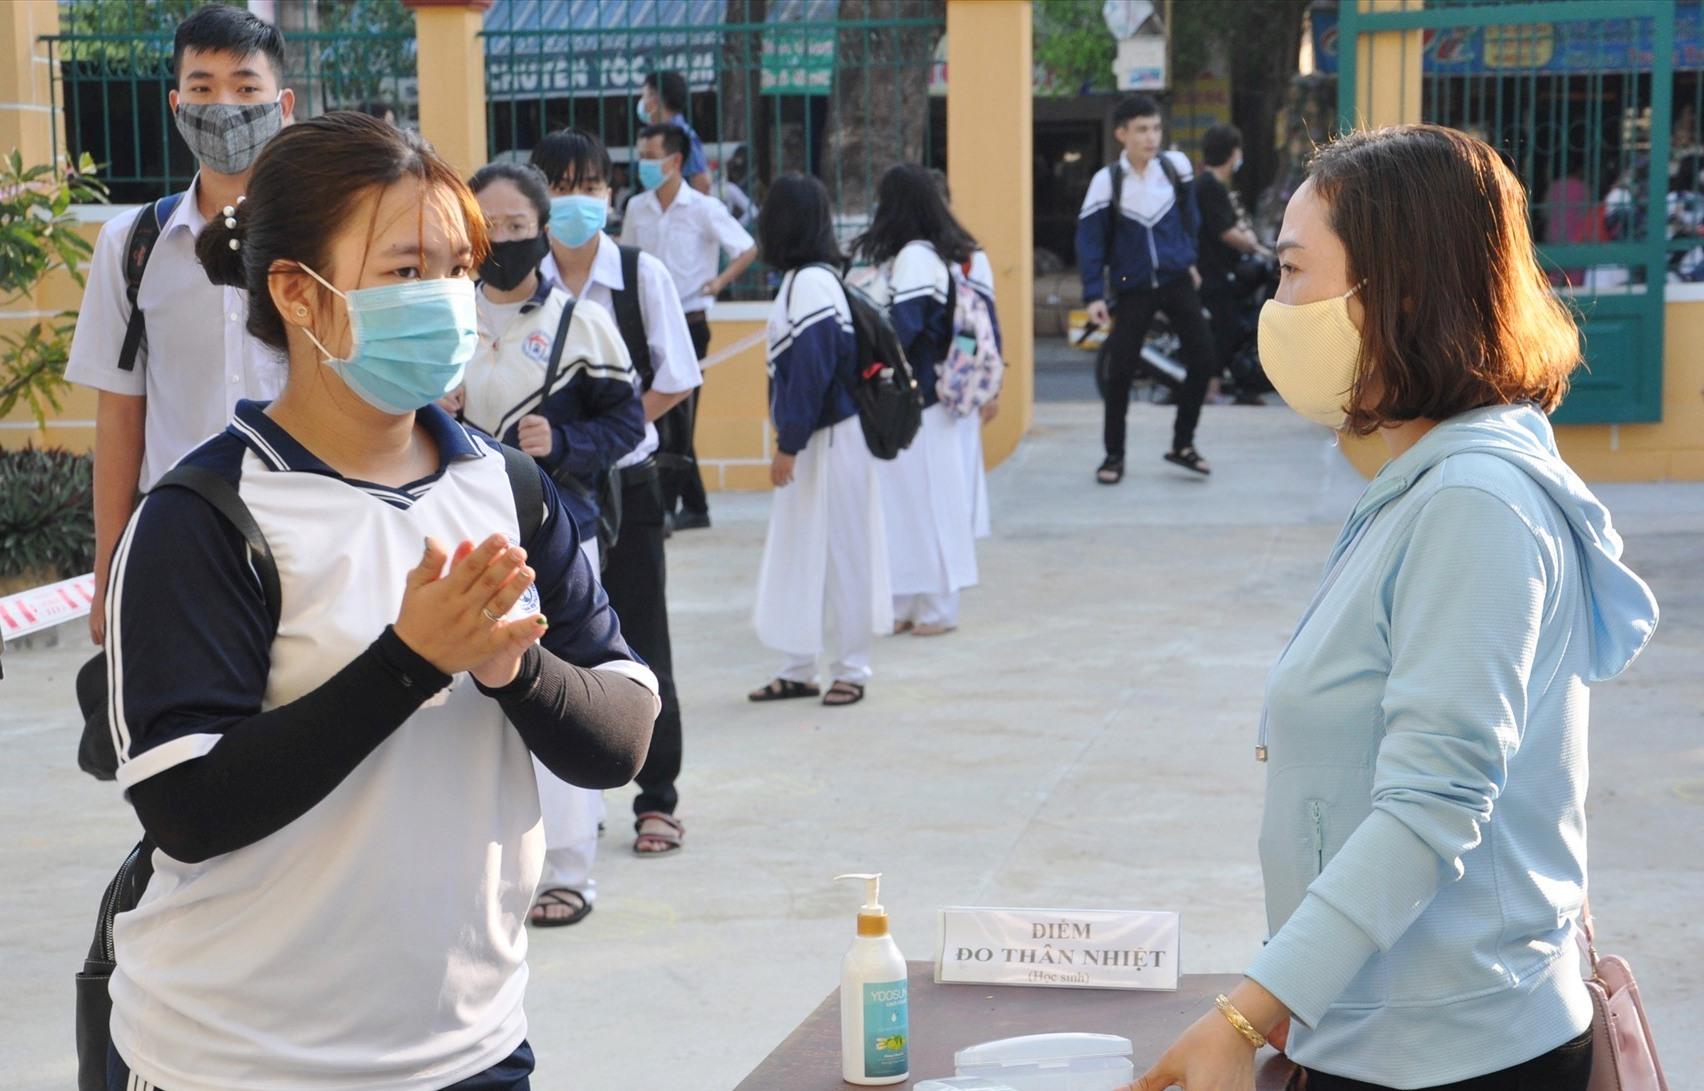 Cho phep học sinh đến trường kiểm tra học kỳ II nhưng phải thực hiện nghiêm túc quy định phòng chống dịch Covid -19. Ảnh: X.P